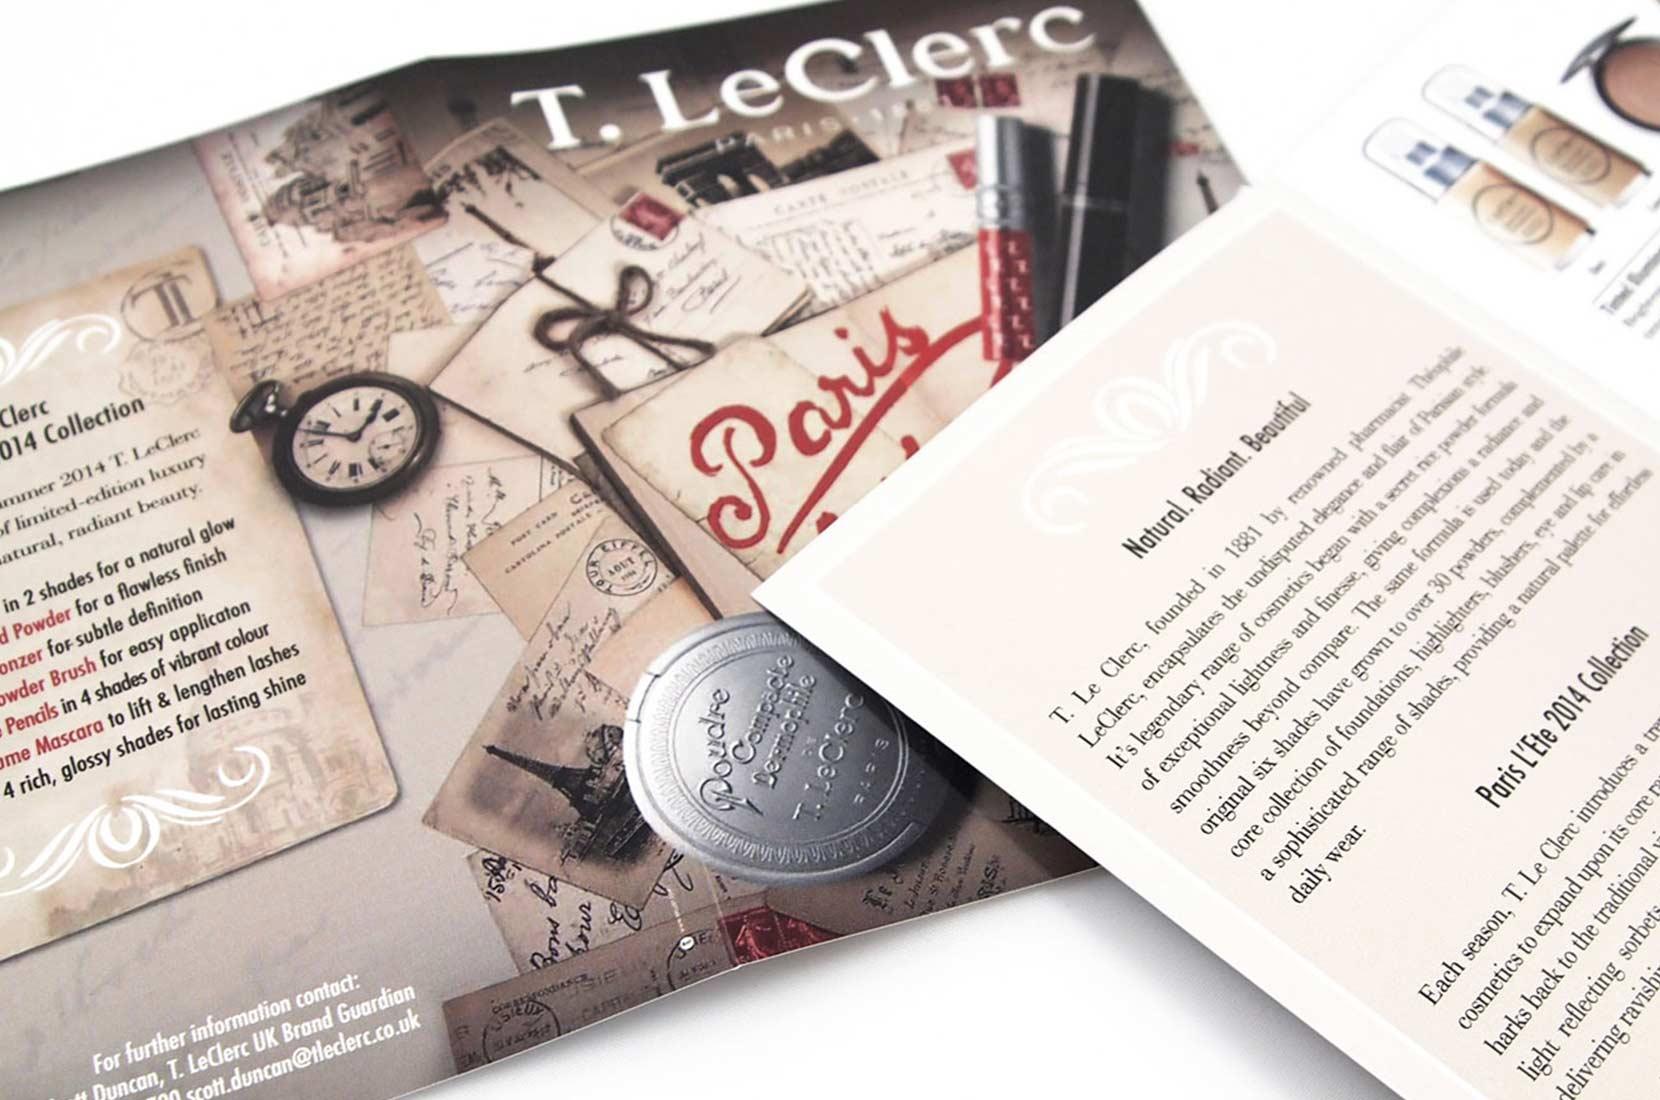 T. LeClerc Paris 2014 Collection